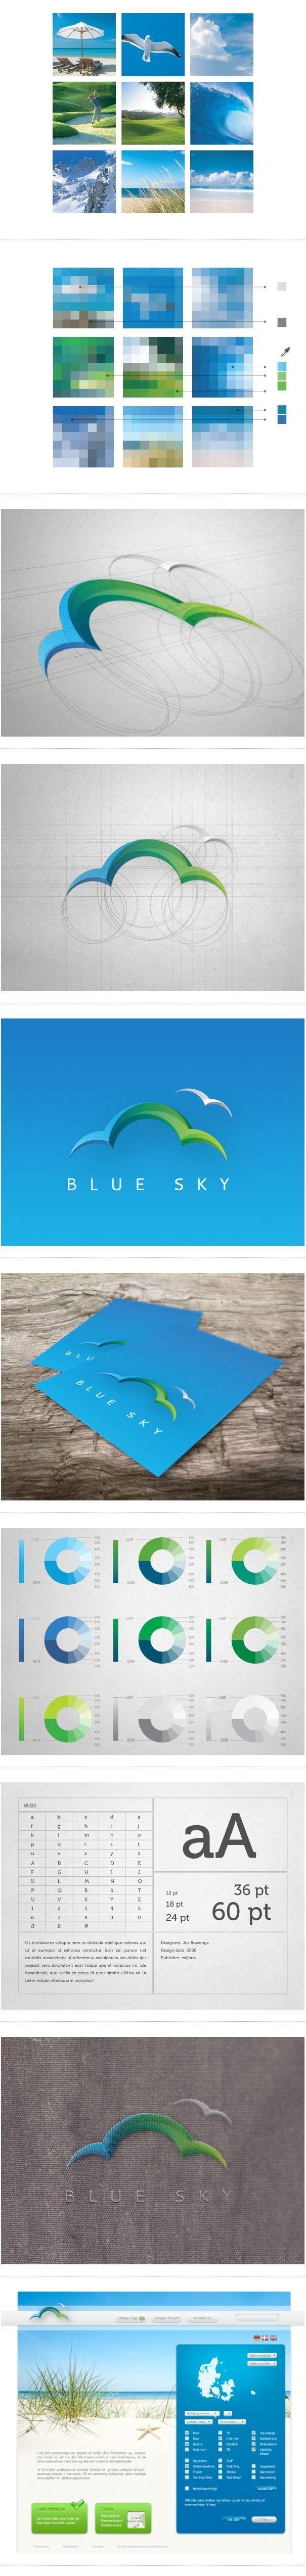 Blue Sky branding and logo design process